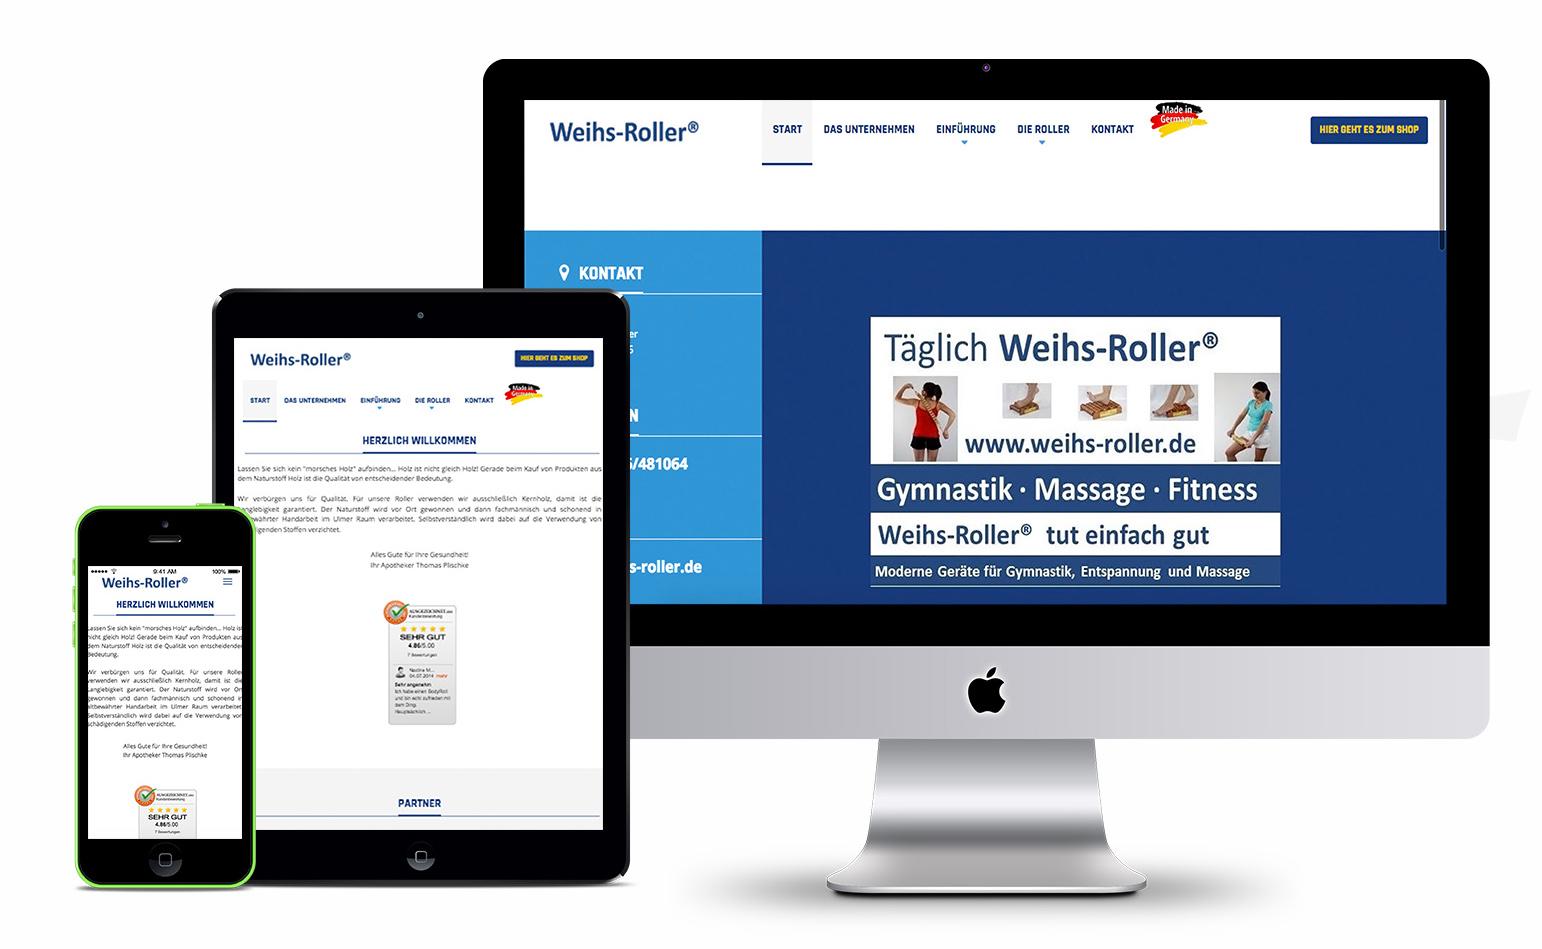 Weihs-Roller | Webdesign